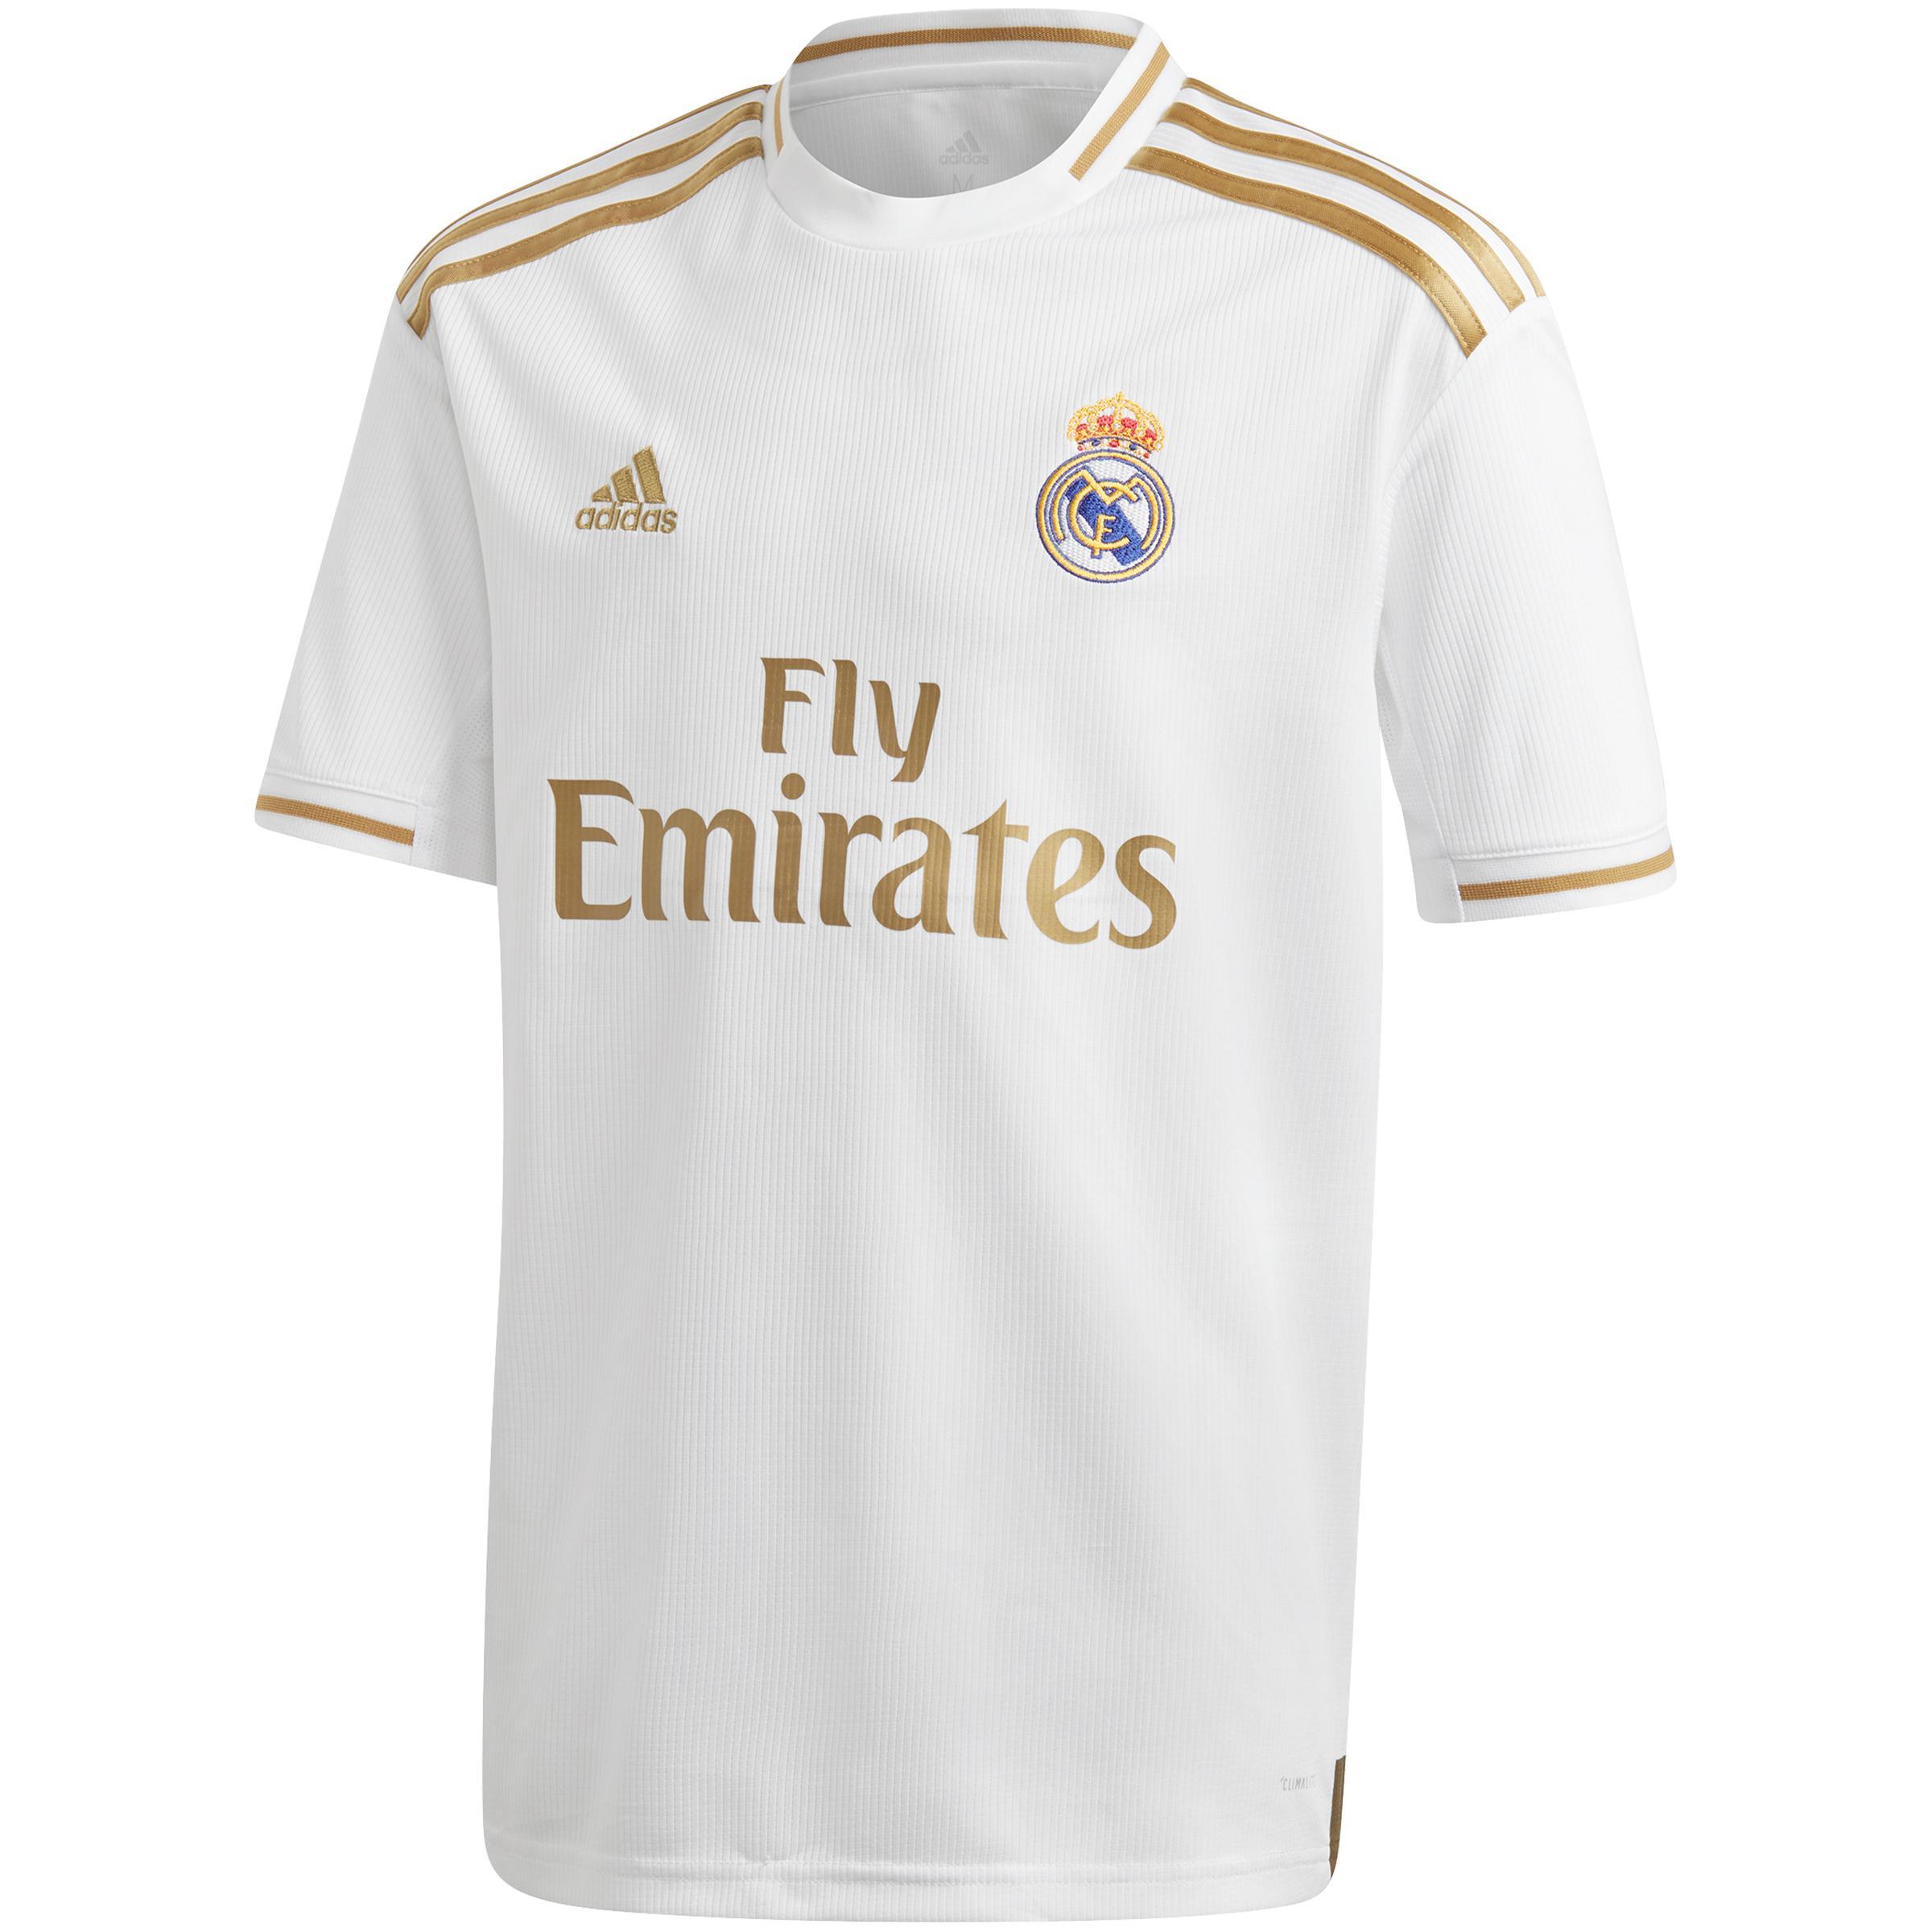 comprar auténtico apariencia estética recogido Camiseta Real Madrid 19/20 local niños Adidas | Decathlon